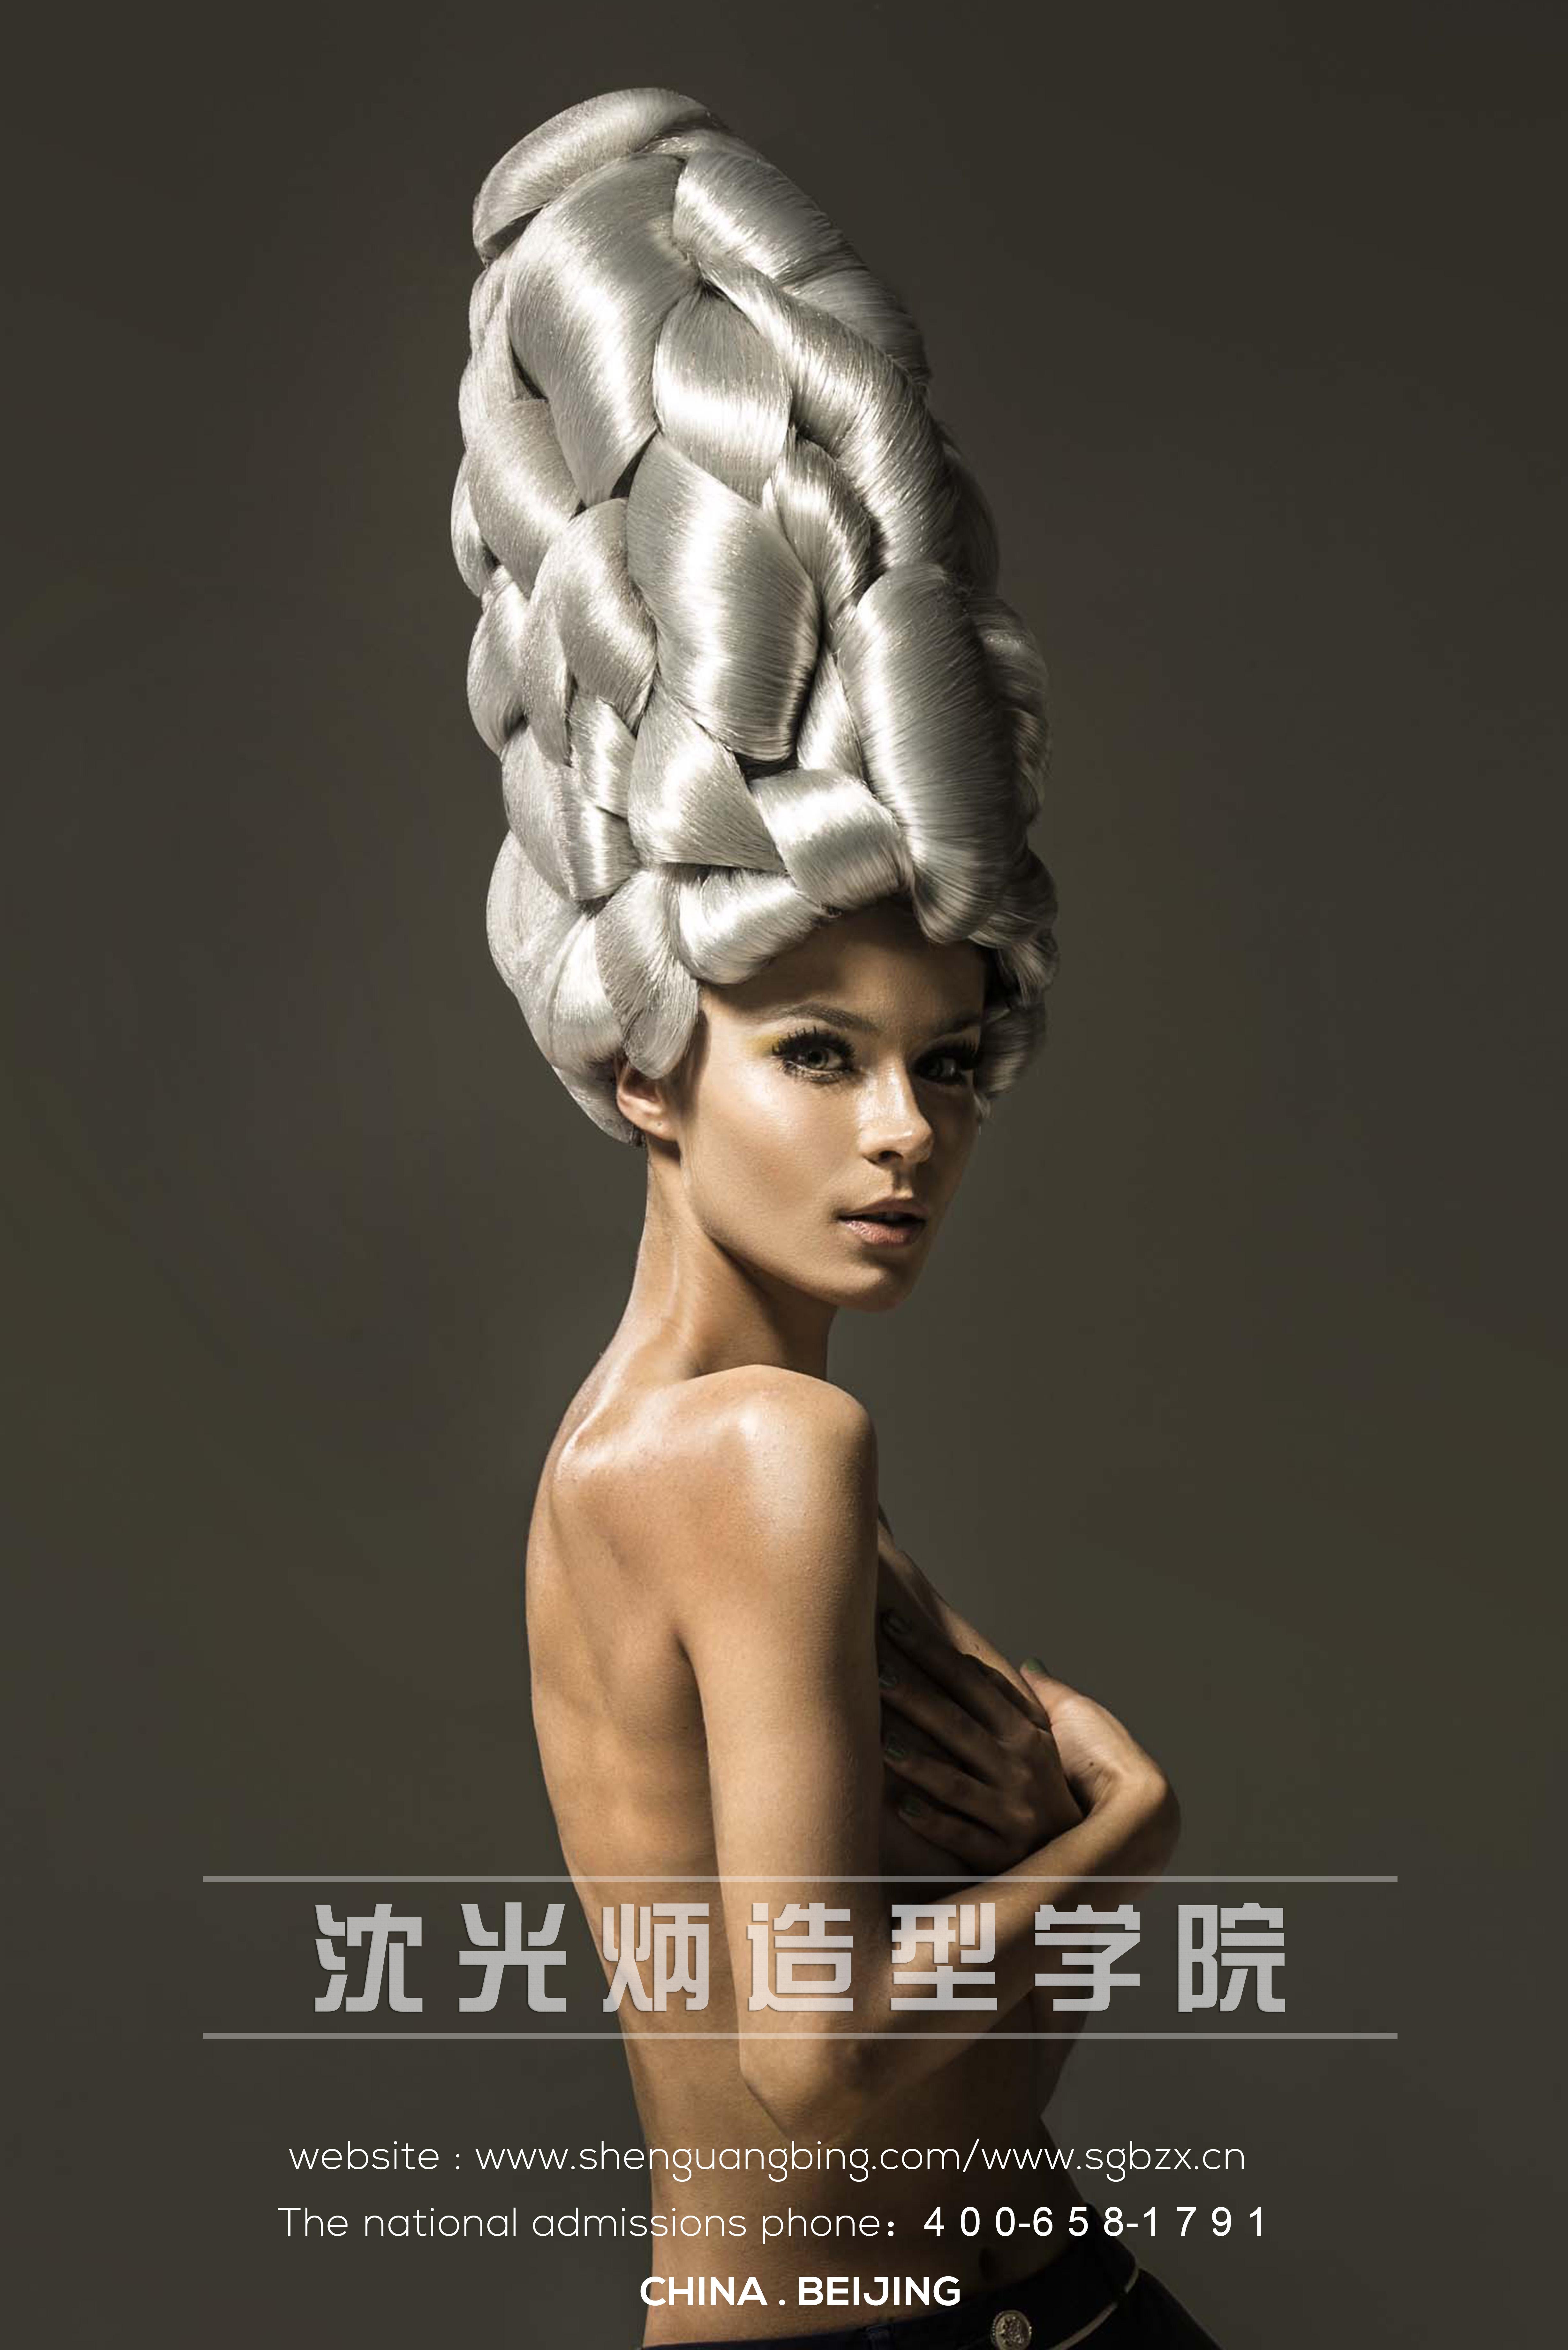 发型图片,这些创意元素与头发完美融合在一起,打造出不一样的艺术造型图片